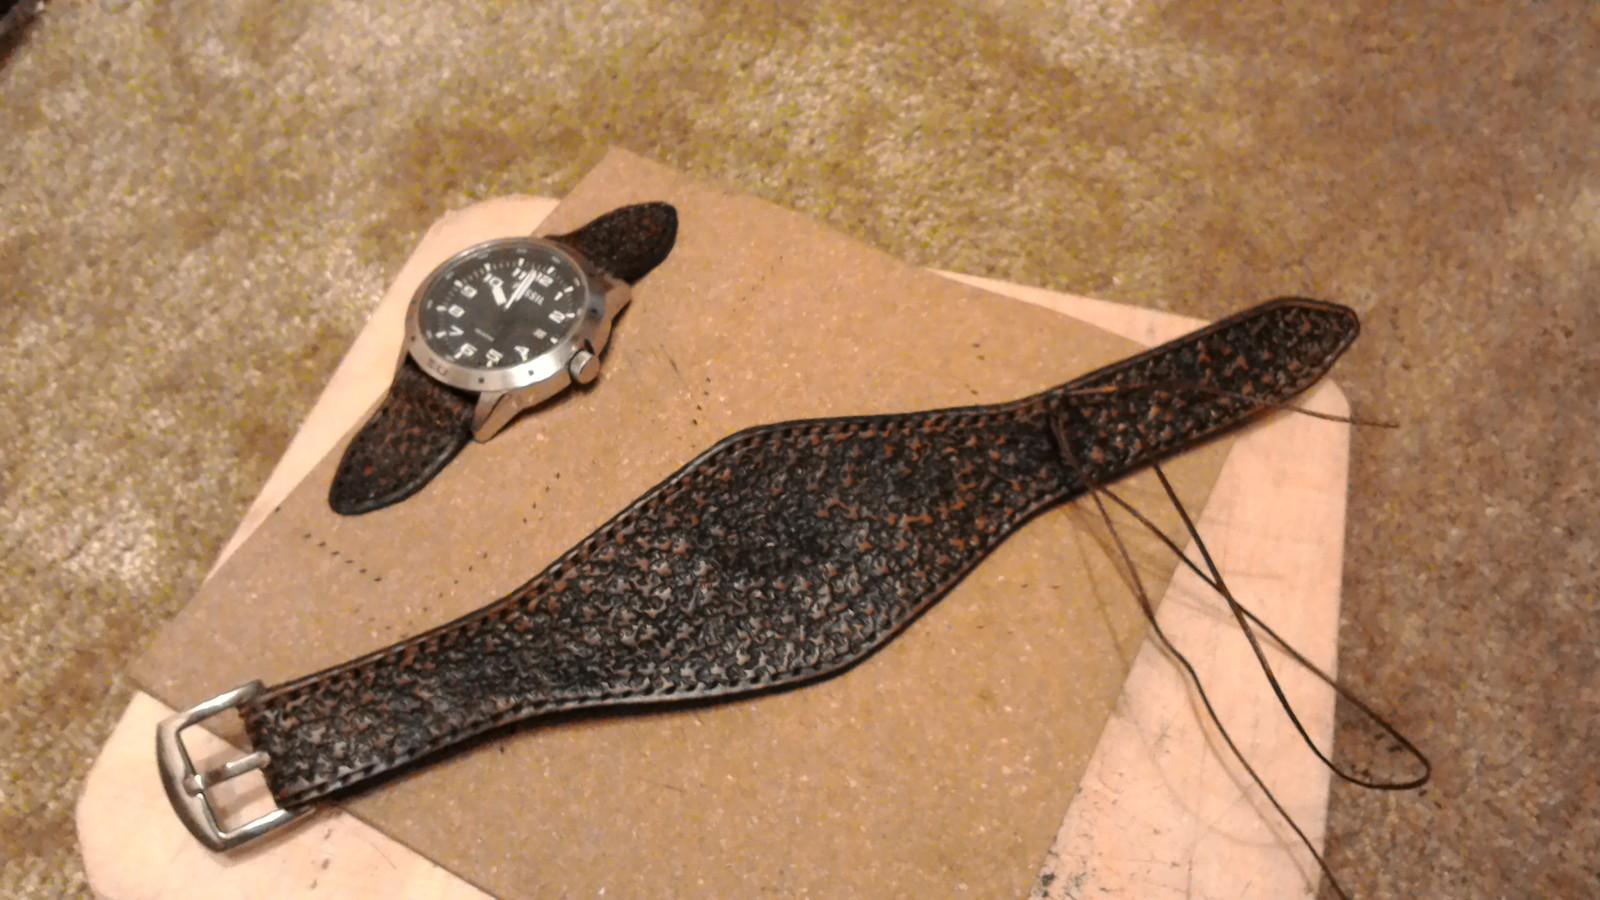 Ремешок из кожи для часов своими руками